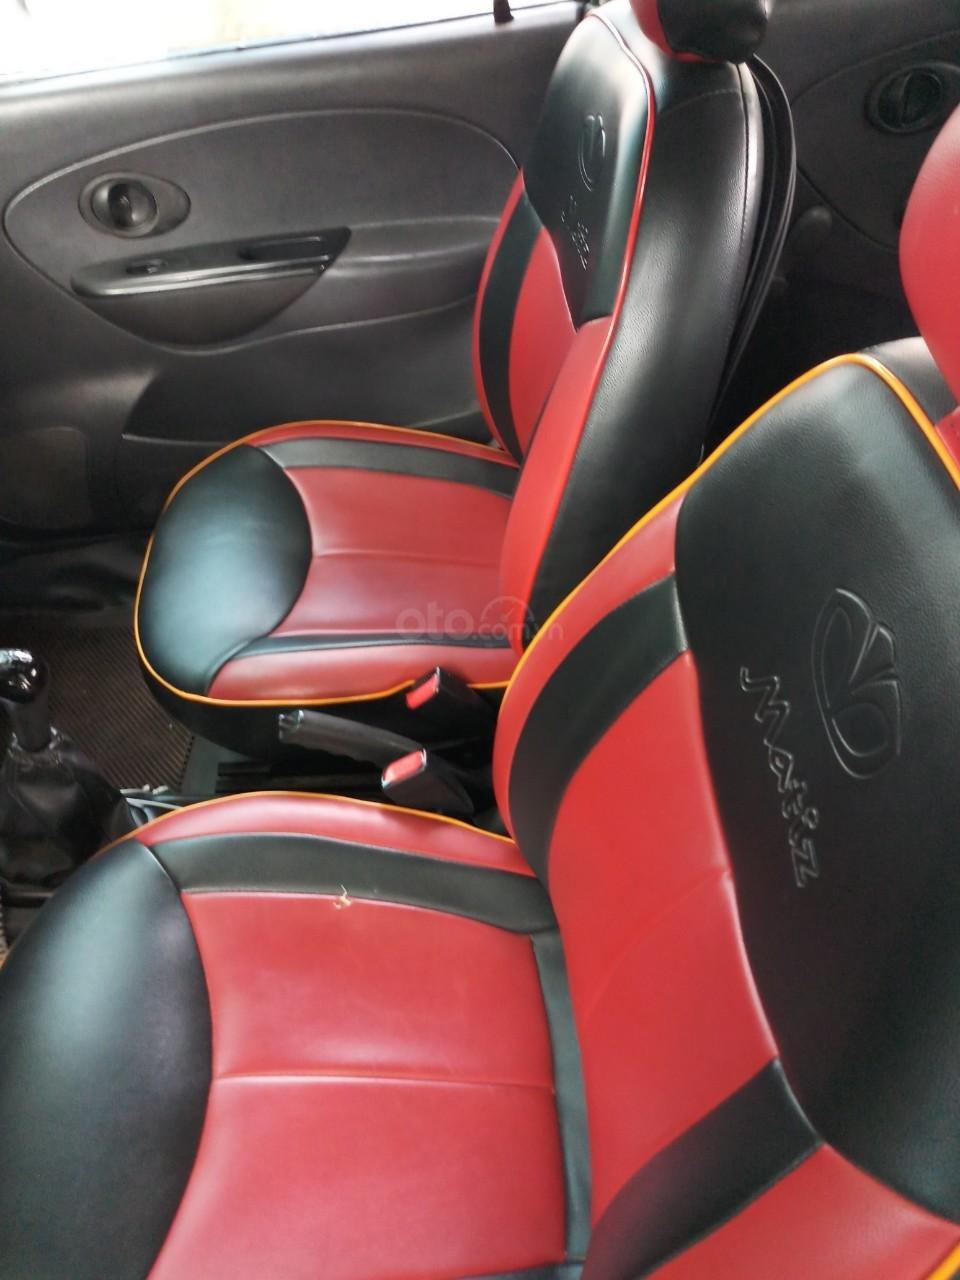 (ĐÃ BÁN) Gia đình cần lên đời nên bán xe Matiz 2 2003 tư nhân, giá 42tr (13)